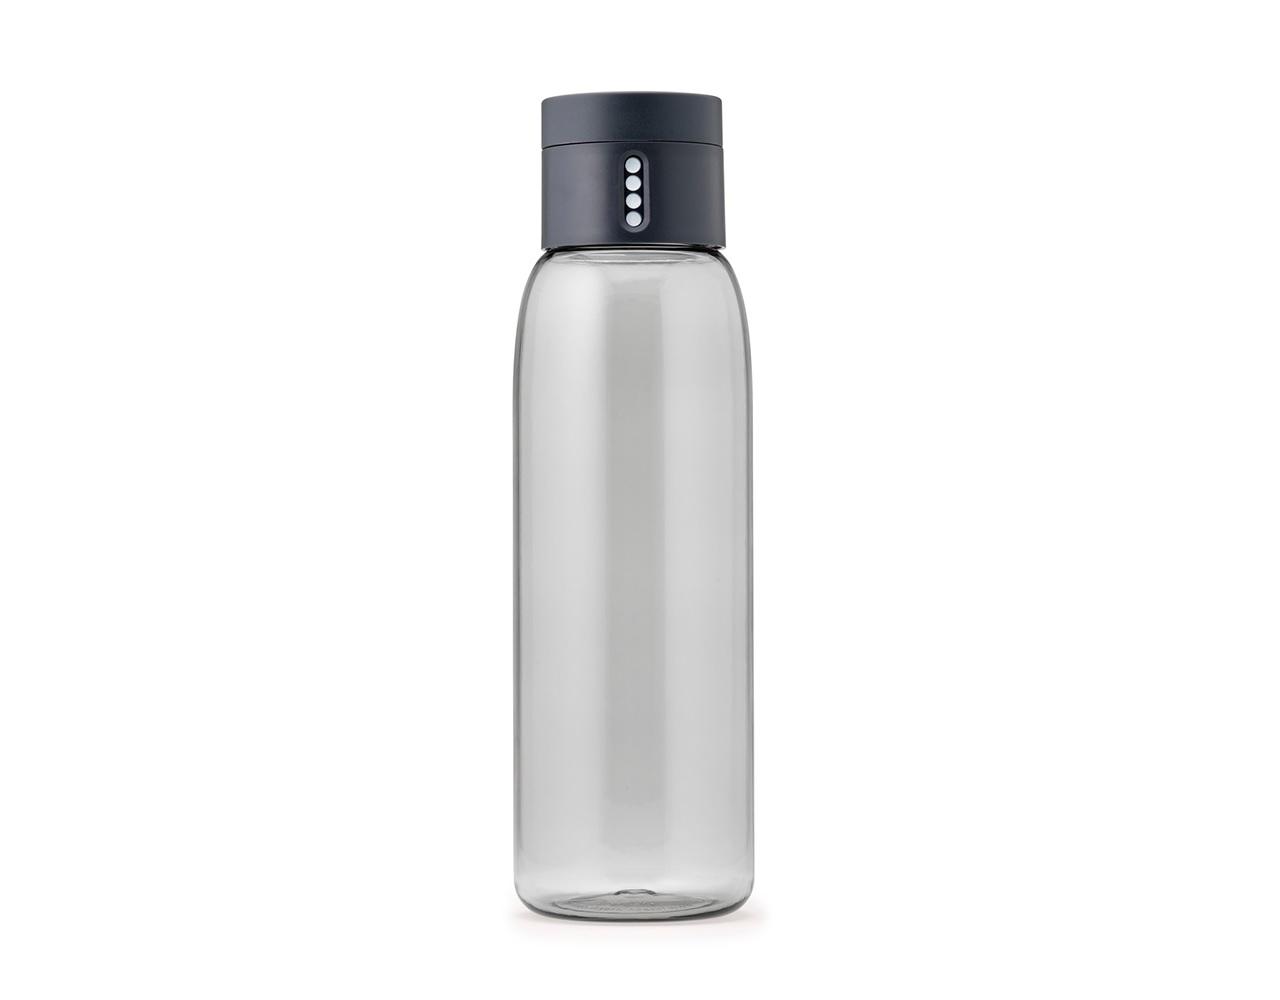 Бутылка для воды DotБутылки<br>Уникальная бутылка, которая поможет вам контролировать ежедневное потребление воды. Инновационная крышка со счетчиком запомнит каждое наполнение бутылки в течение дня. Просто закрутите крышку до появления точки, а для питья используйте верхнюю крышку. Новая точка появится каждый раз, когда бутылка заново заполнена и крышка закручена. <br>Из гладкого литого носика бутылки удобно пить, а широкое горлышко идеально для насыпания льда и мытья. Герметичная крышка надежно защитит содержимое от вытекания. Бутылка изготовлена из экологичного и удапрочного материала Tritan.&amp;lt;div&amp;gt;&amp;lt;br&amp;gt;&amp;lt;/div&amp;gt;&amp;lt;div&amp;gt;Объем - 600 мл.&amp;lt;/div&amp;gt;<br><br>Material: Пластик<br>Высота см: 23